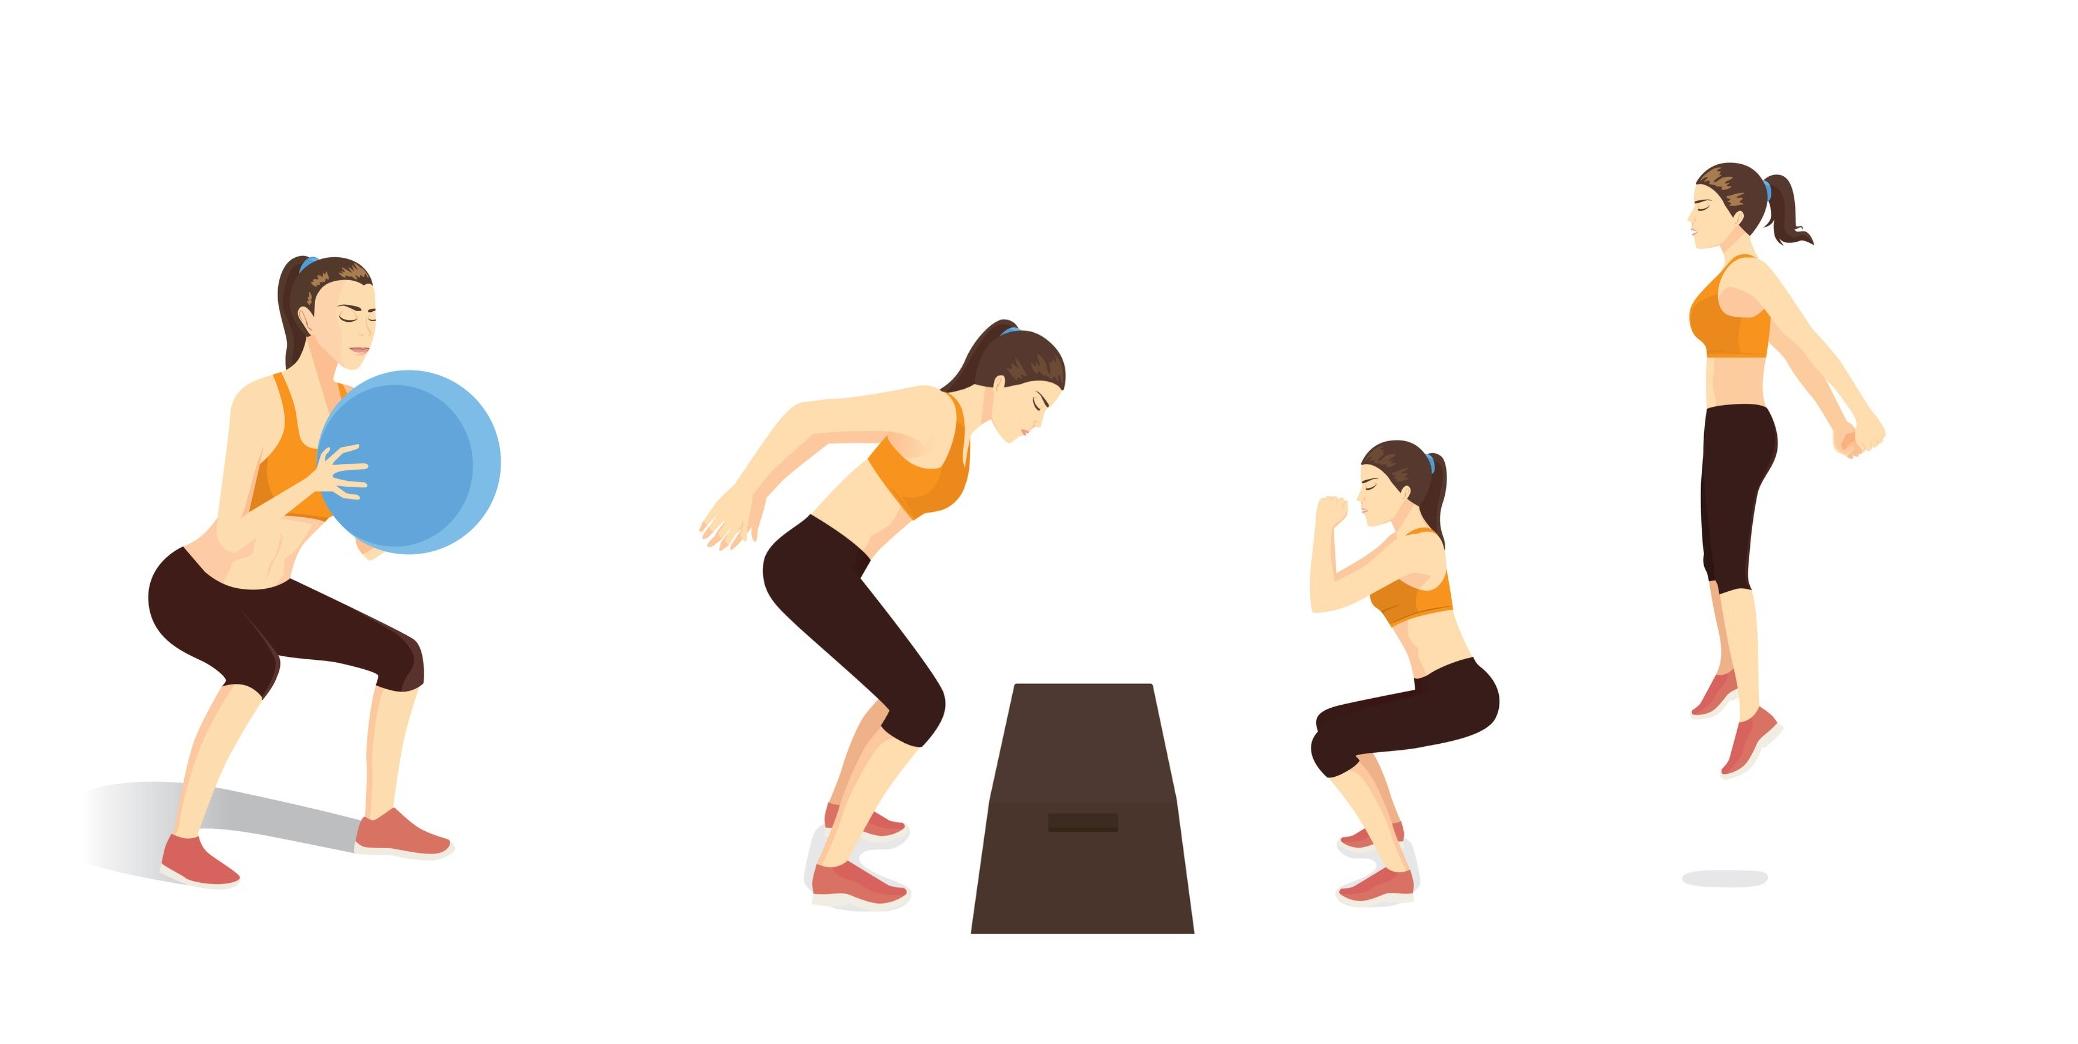 瞬発 力 を 高める トレーニング